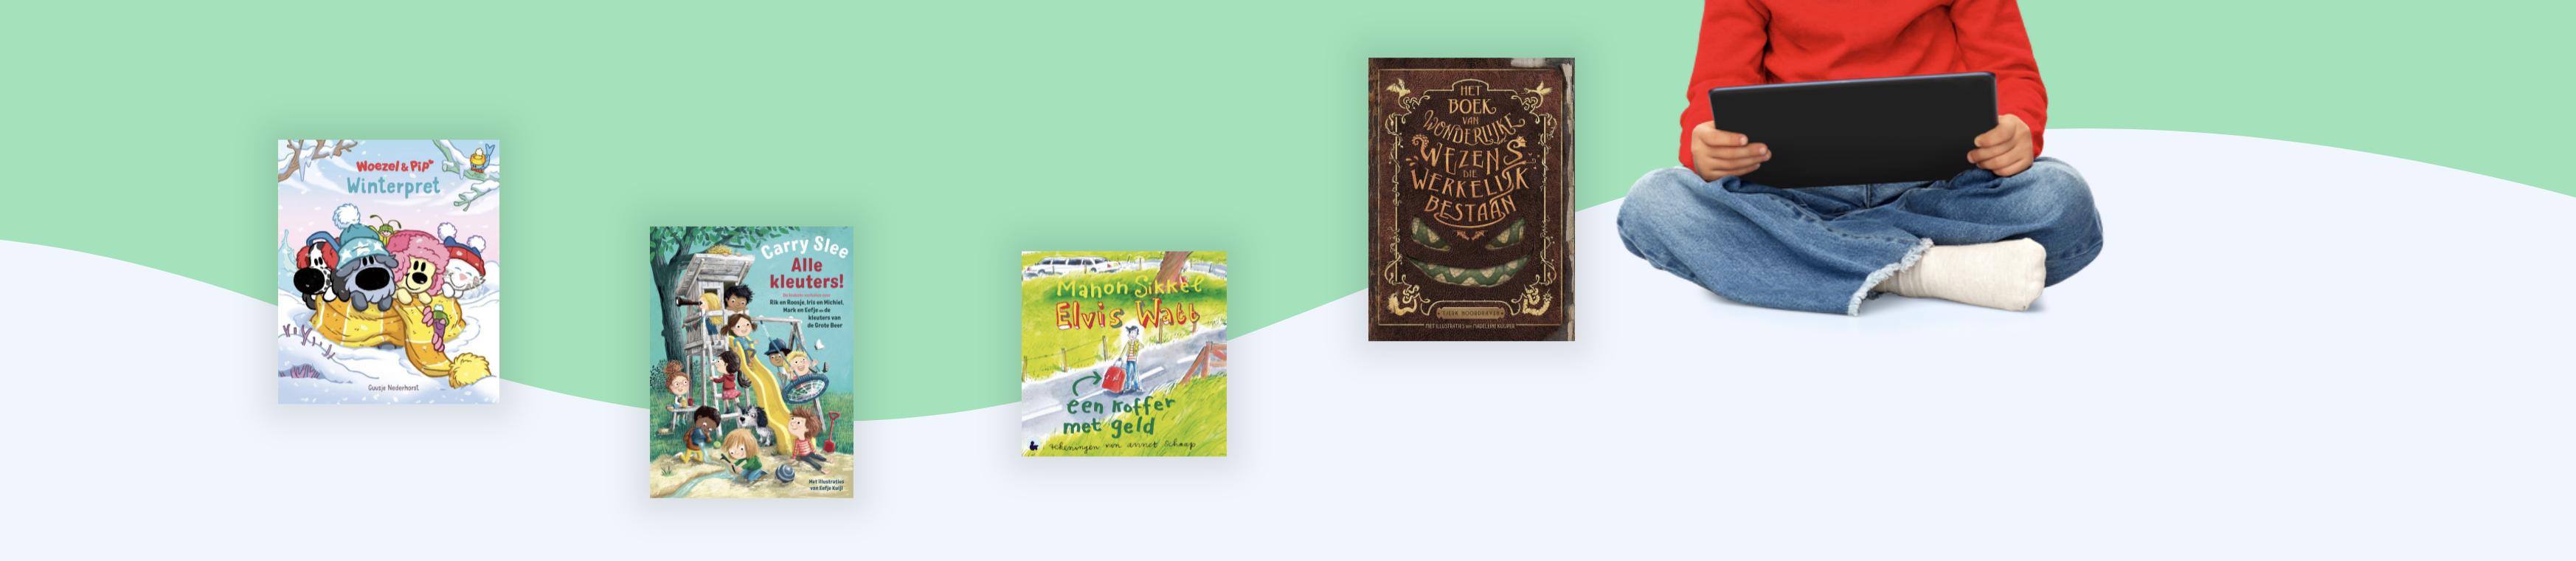 Kinderboeken (ook luisterboeken) voor maar 1 cent!